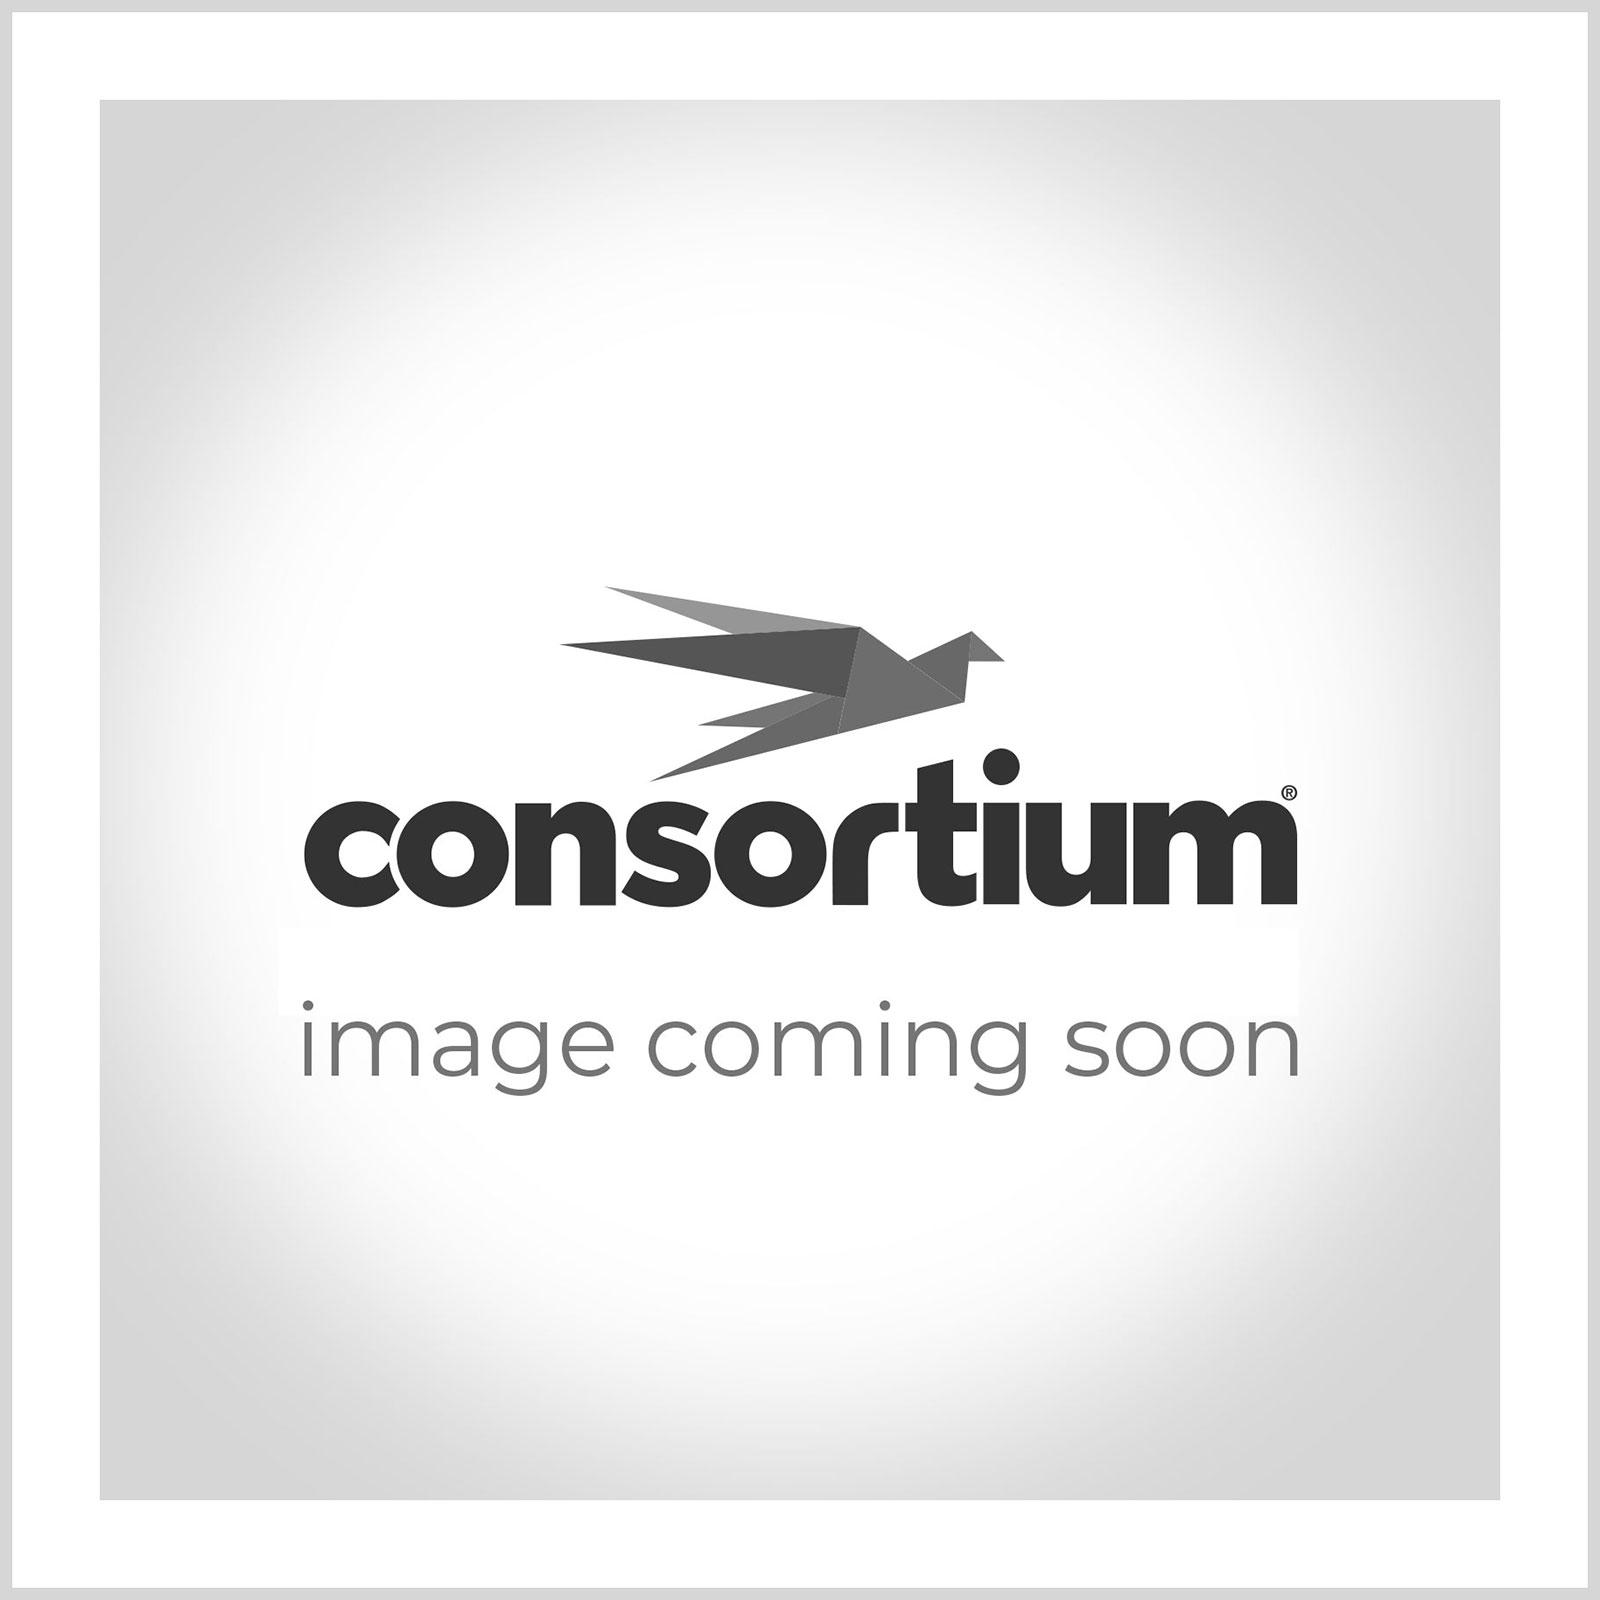 Single Sided Salad Bar Trolley